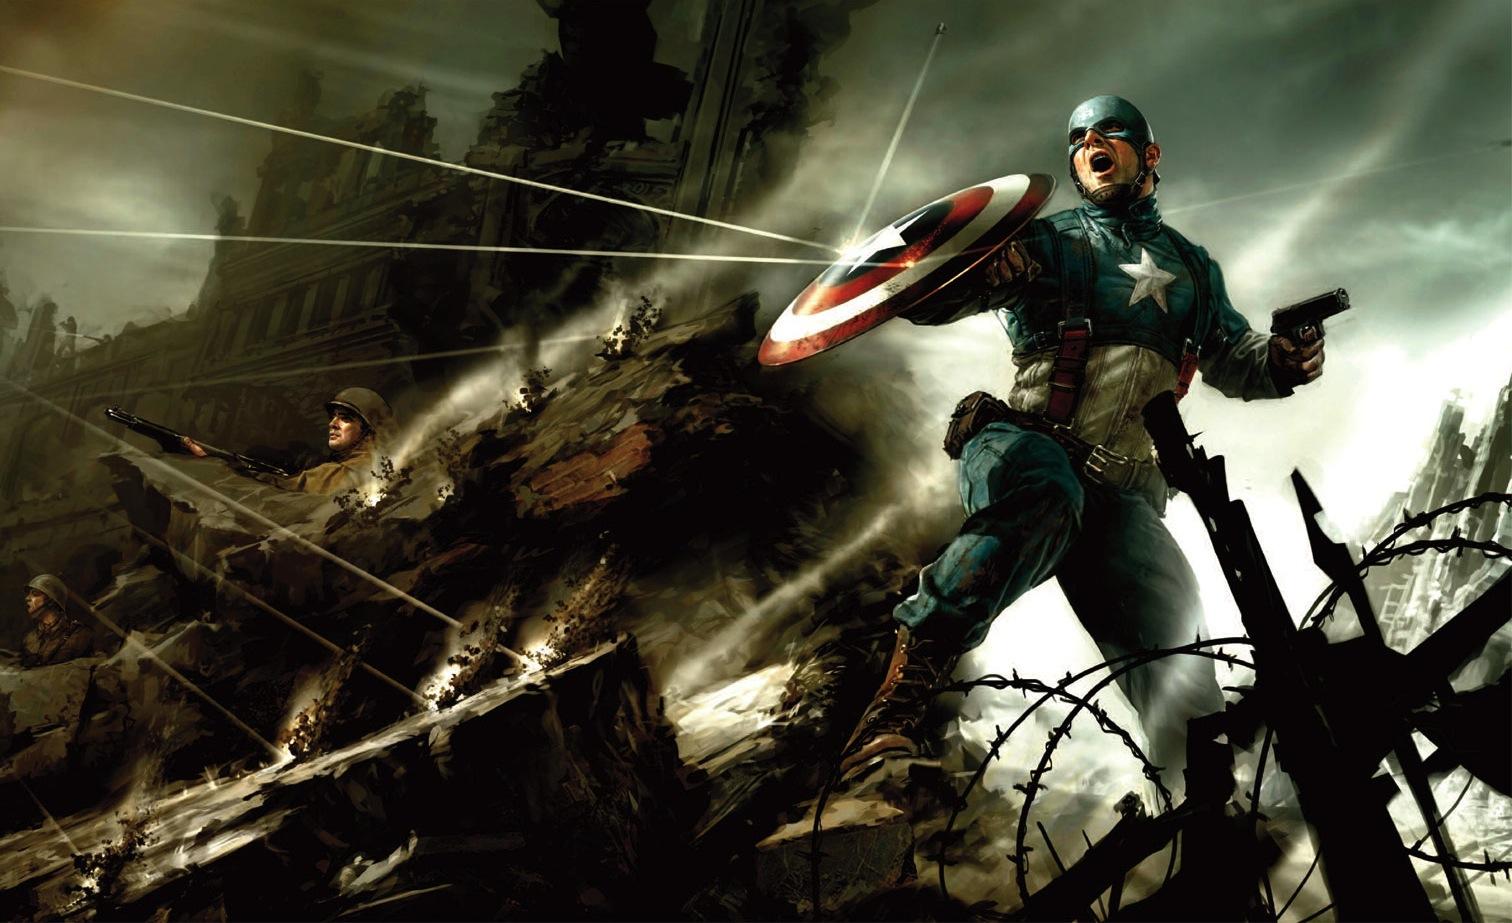 Captain America VS The Winter Soldier Wallpaper 1512x923